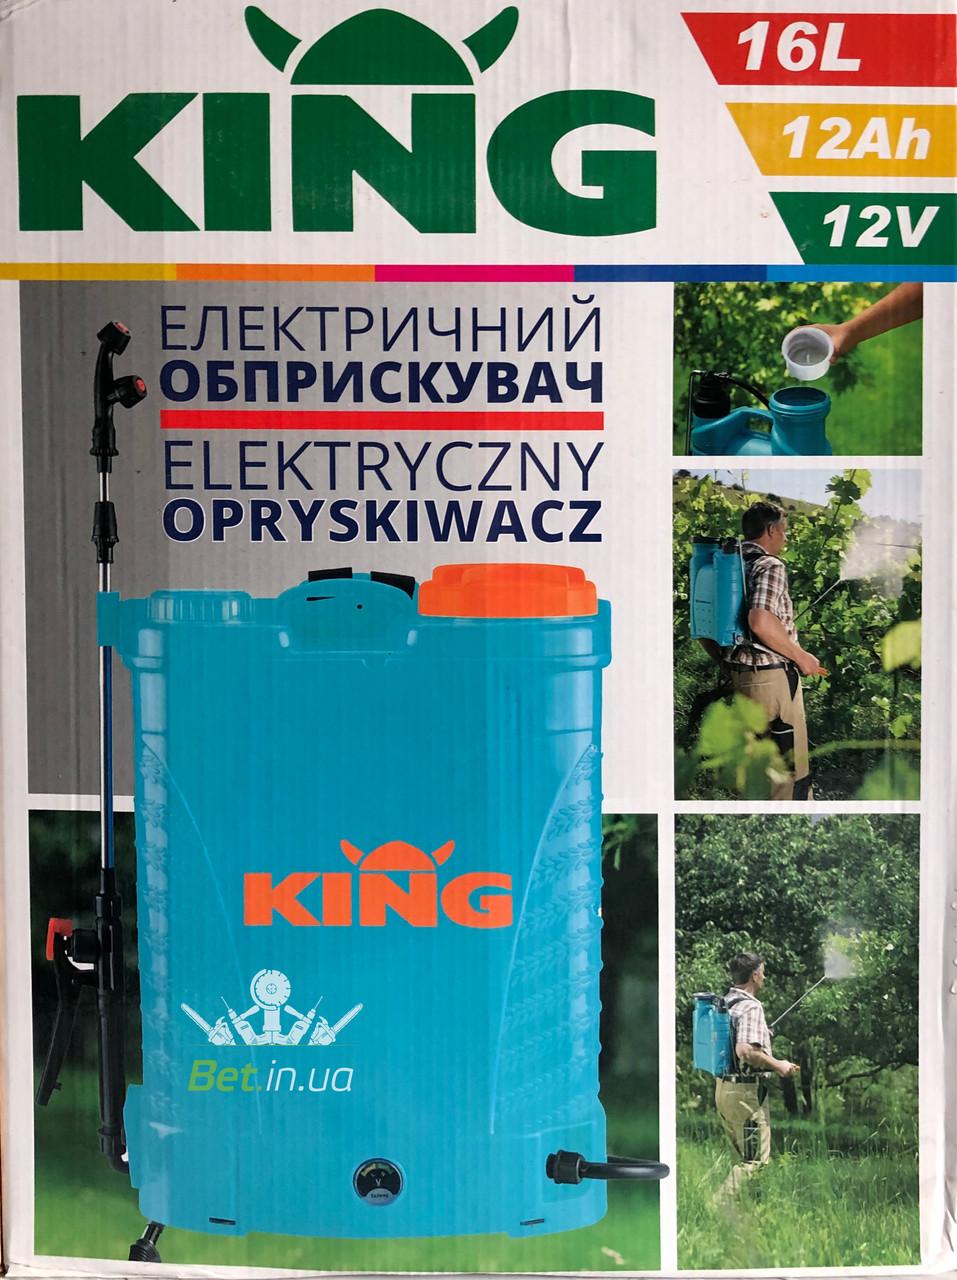 Обприскувач акумуляторний KING 16l 12Ah